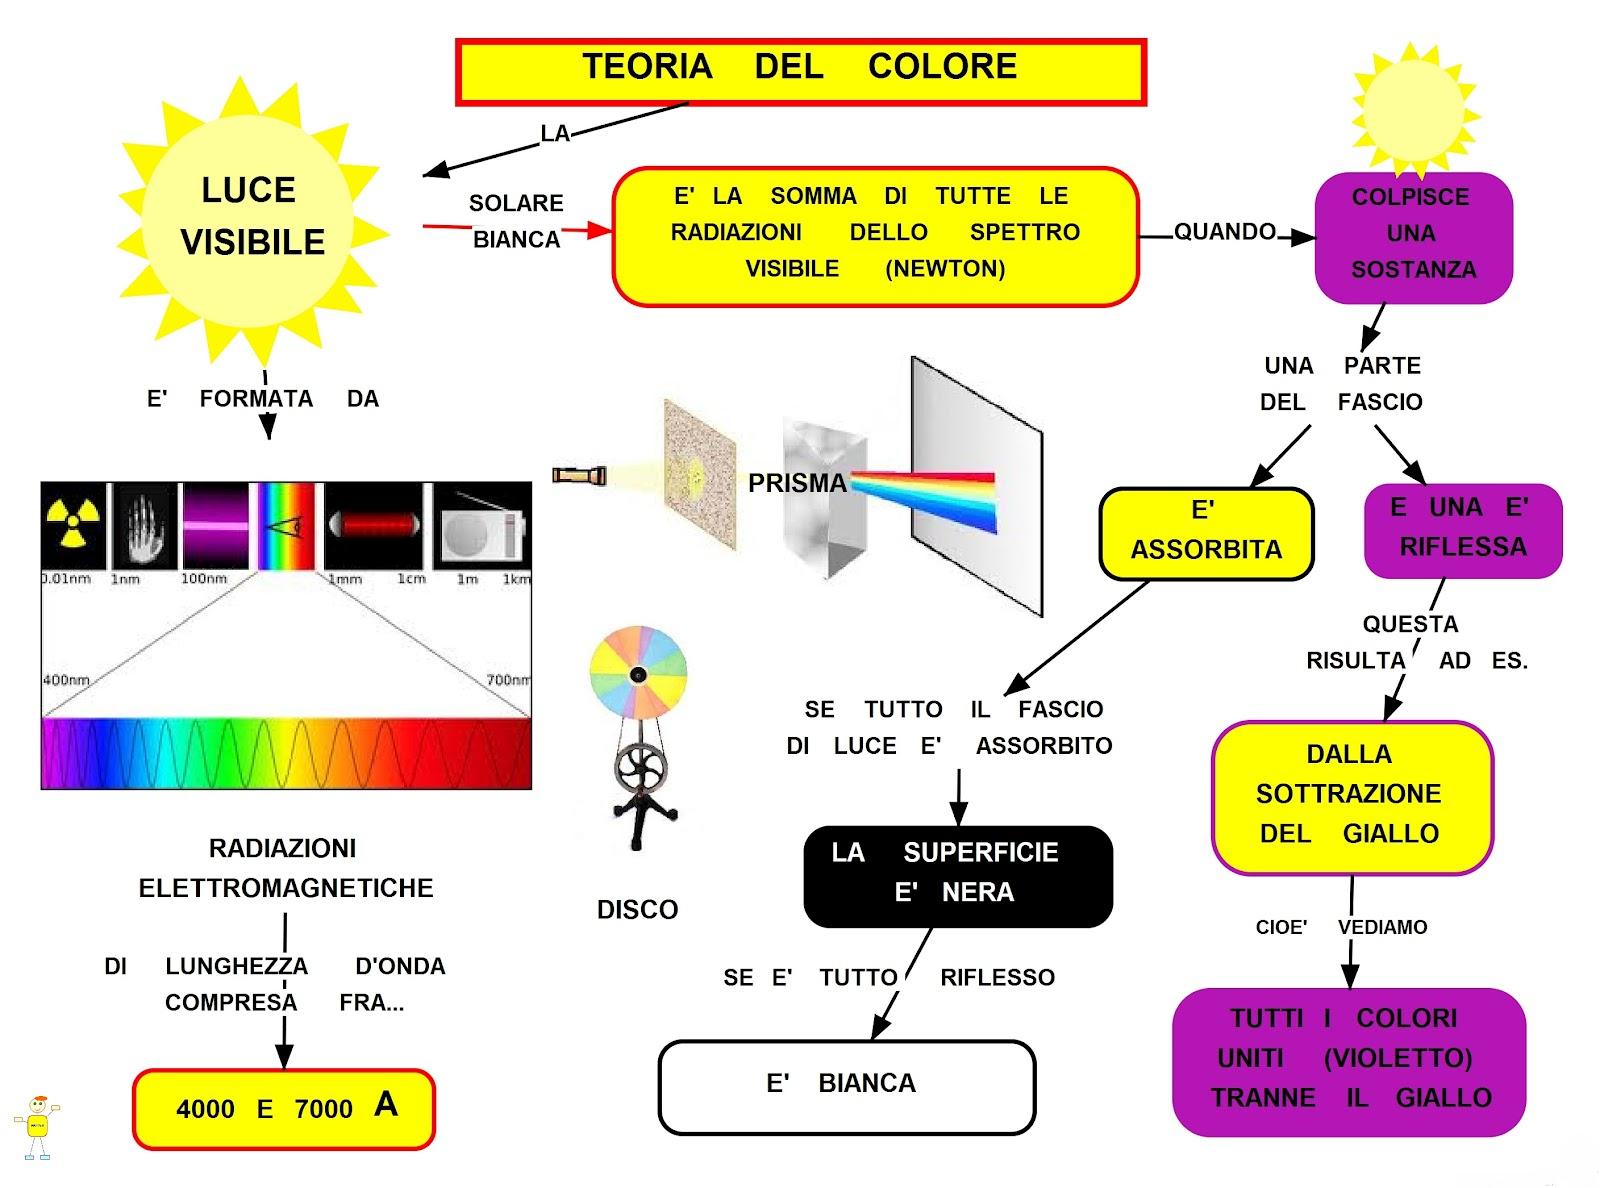 Teoria del colore mappa concettuale